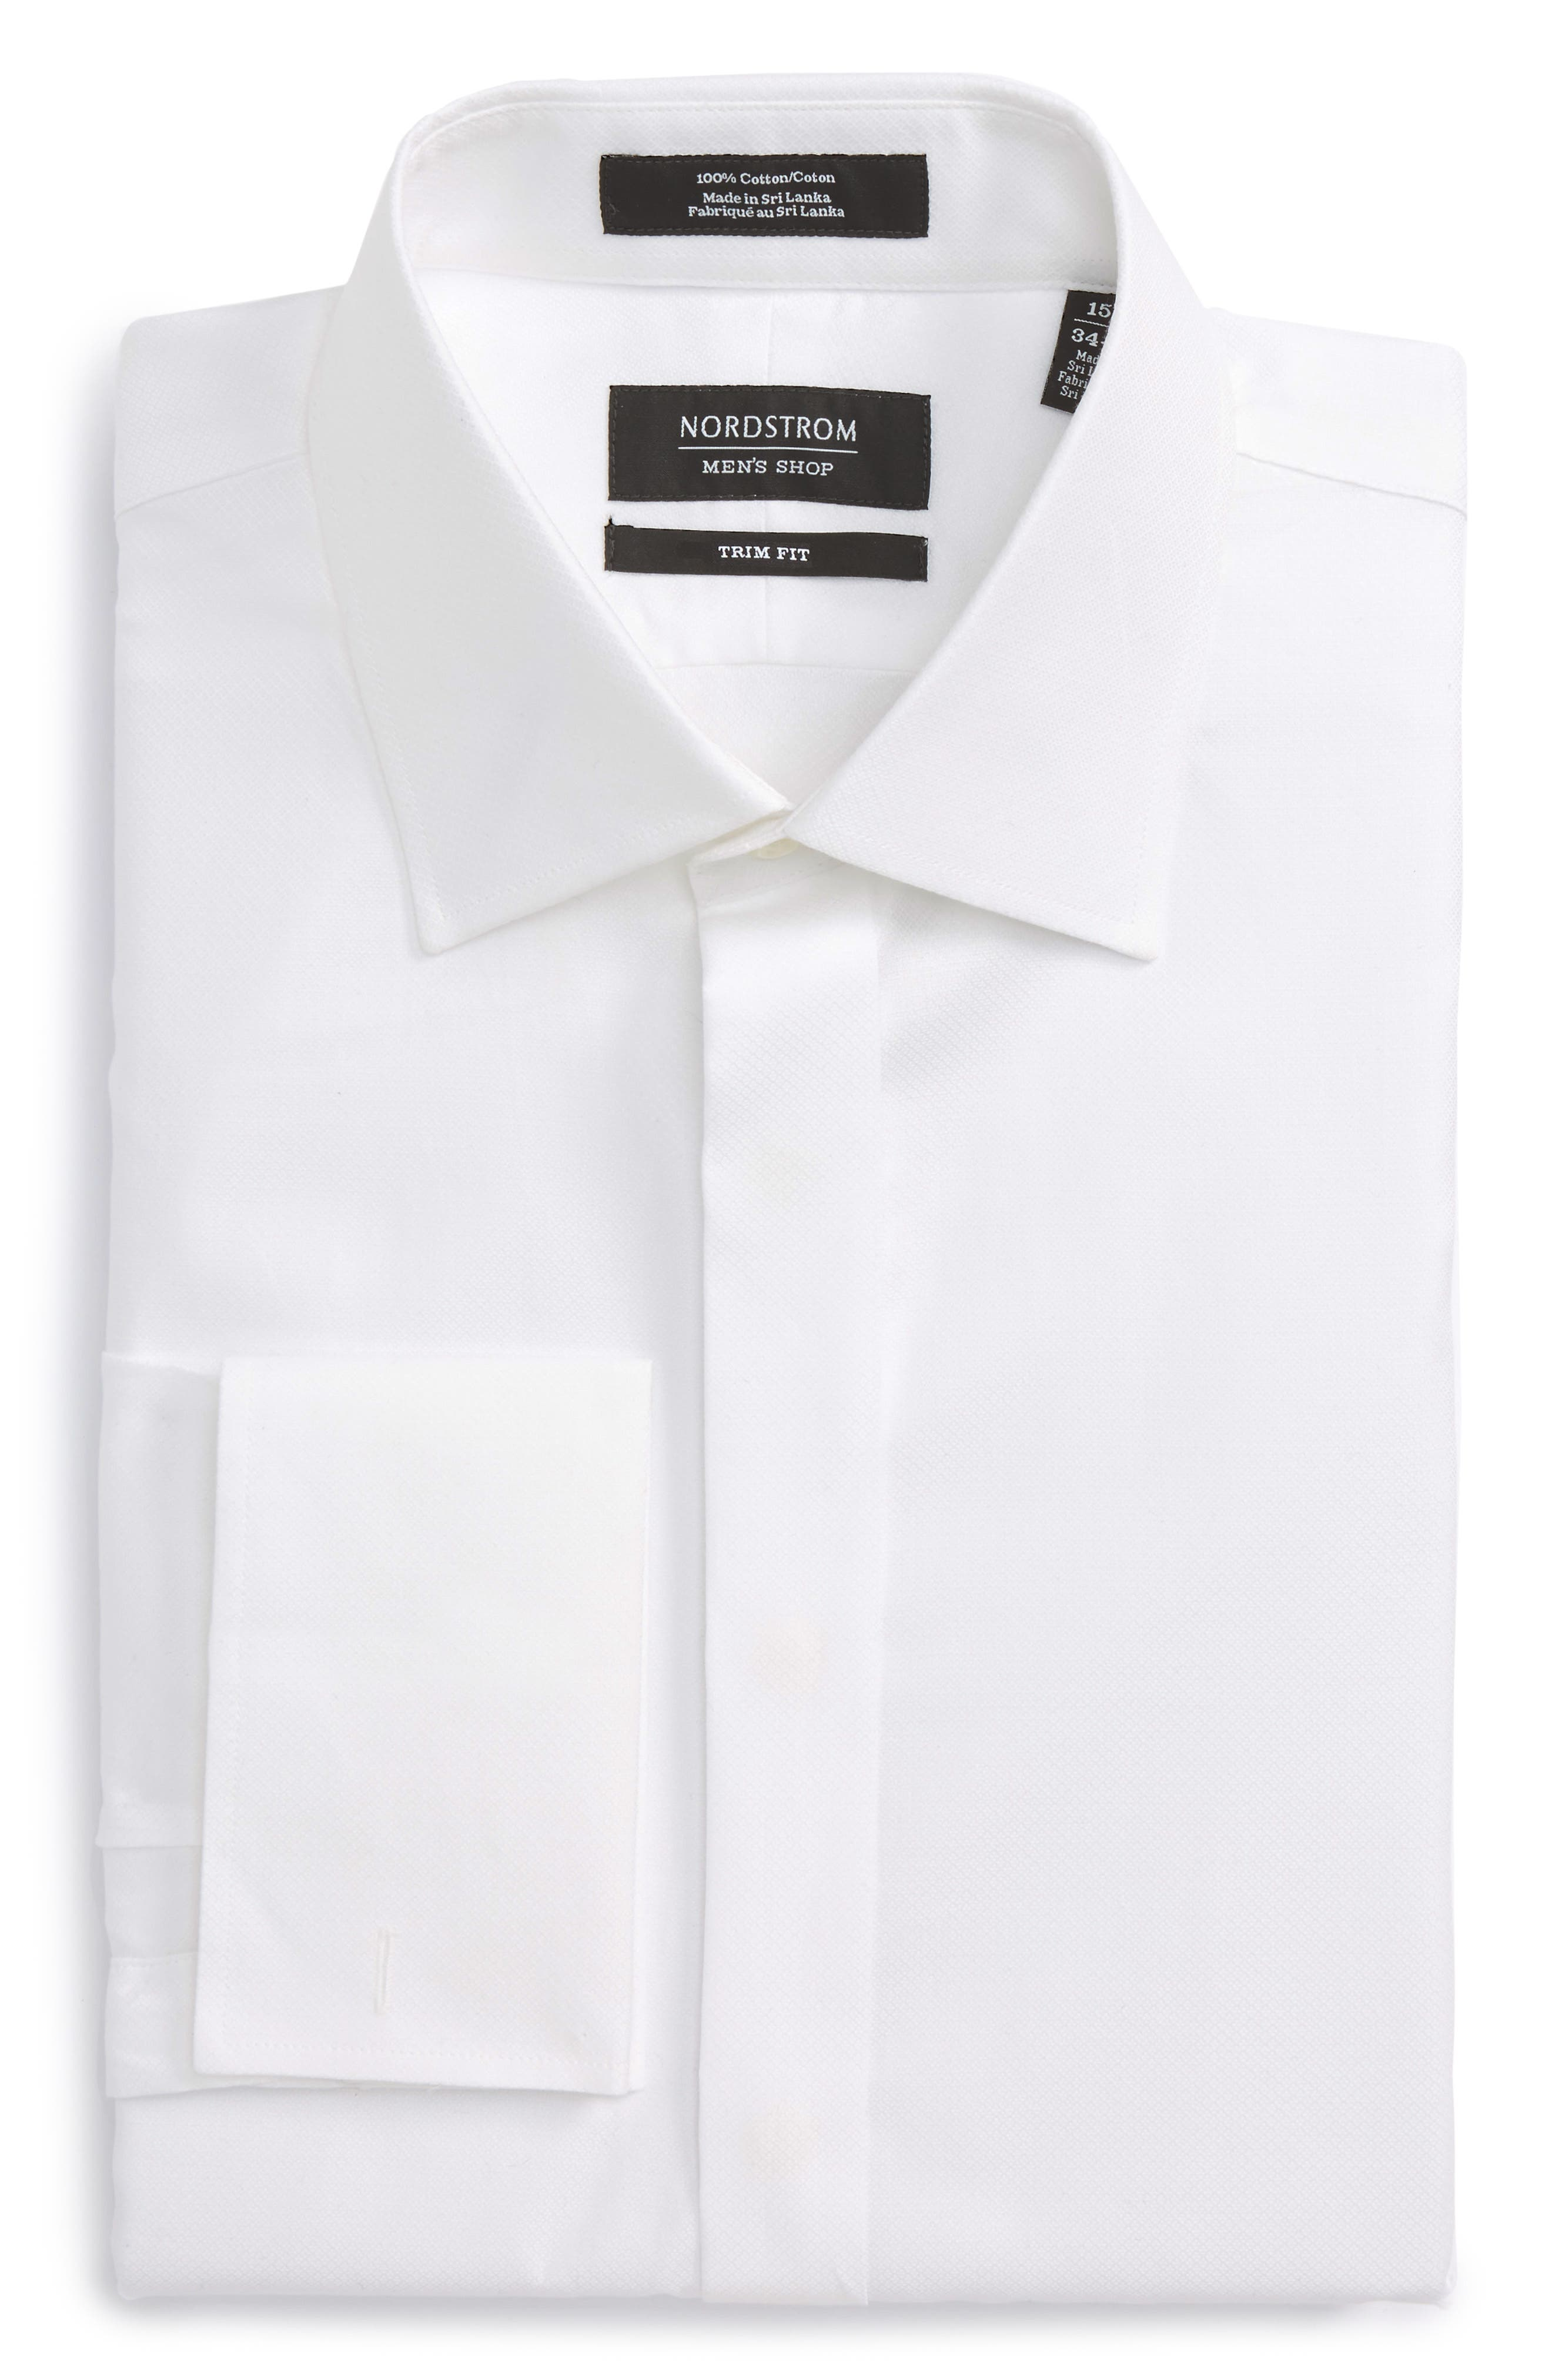 Nordstrom Men's Shop Trim Fit Tuxedo Shirt